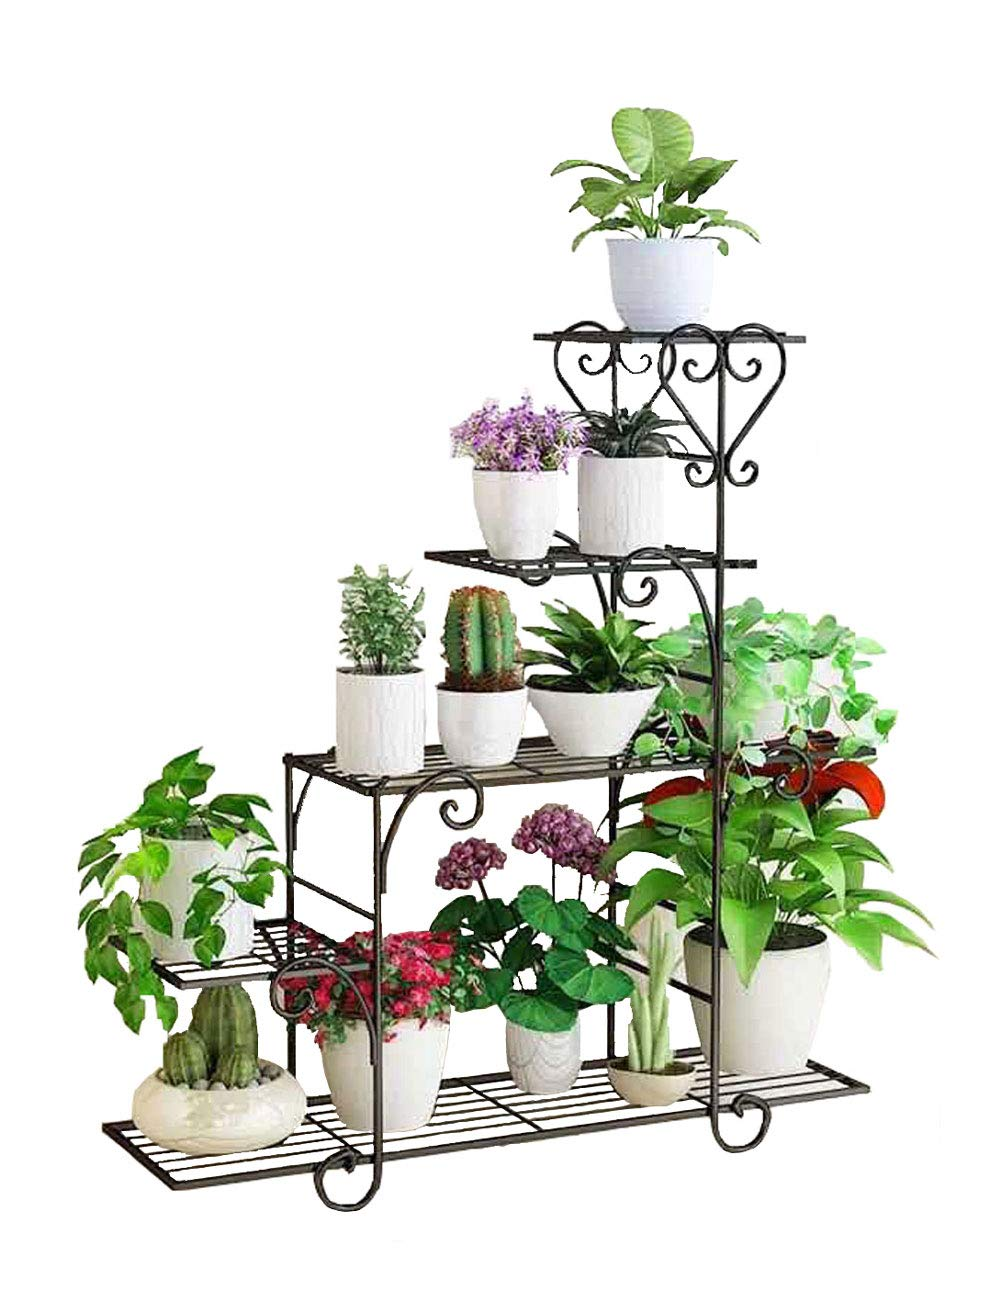 5層の金属製のフラワースタンド、棚の花、リビングルームのバルコニーの鉢植えの植物、錬鉄製のさび止めの植物のスタンド、ポットラック(色:黒、サイズ:L88cm W25cm H95cm) B07SFCZ7GF